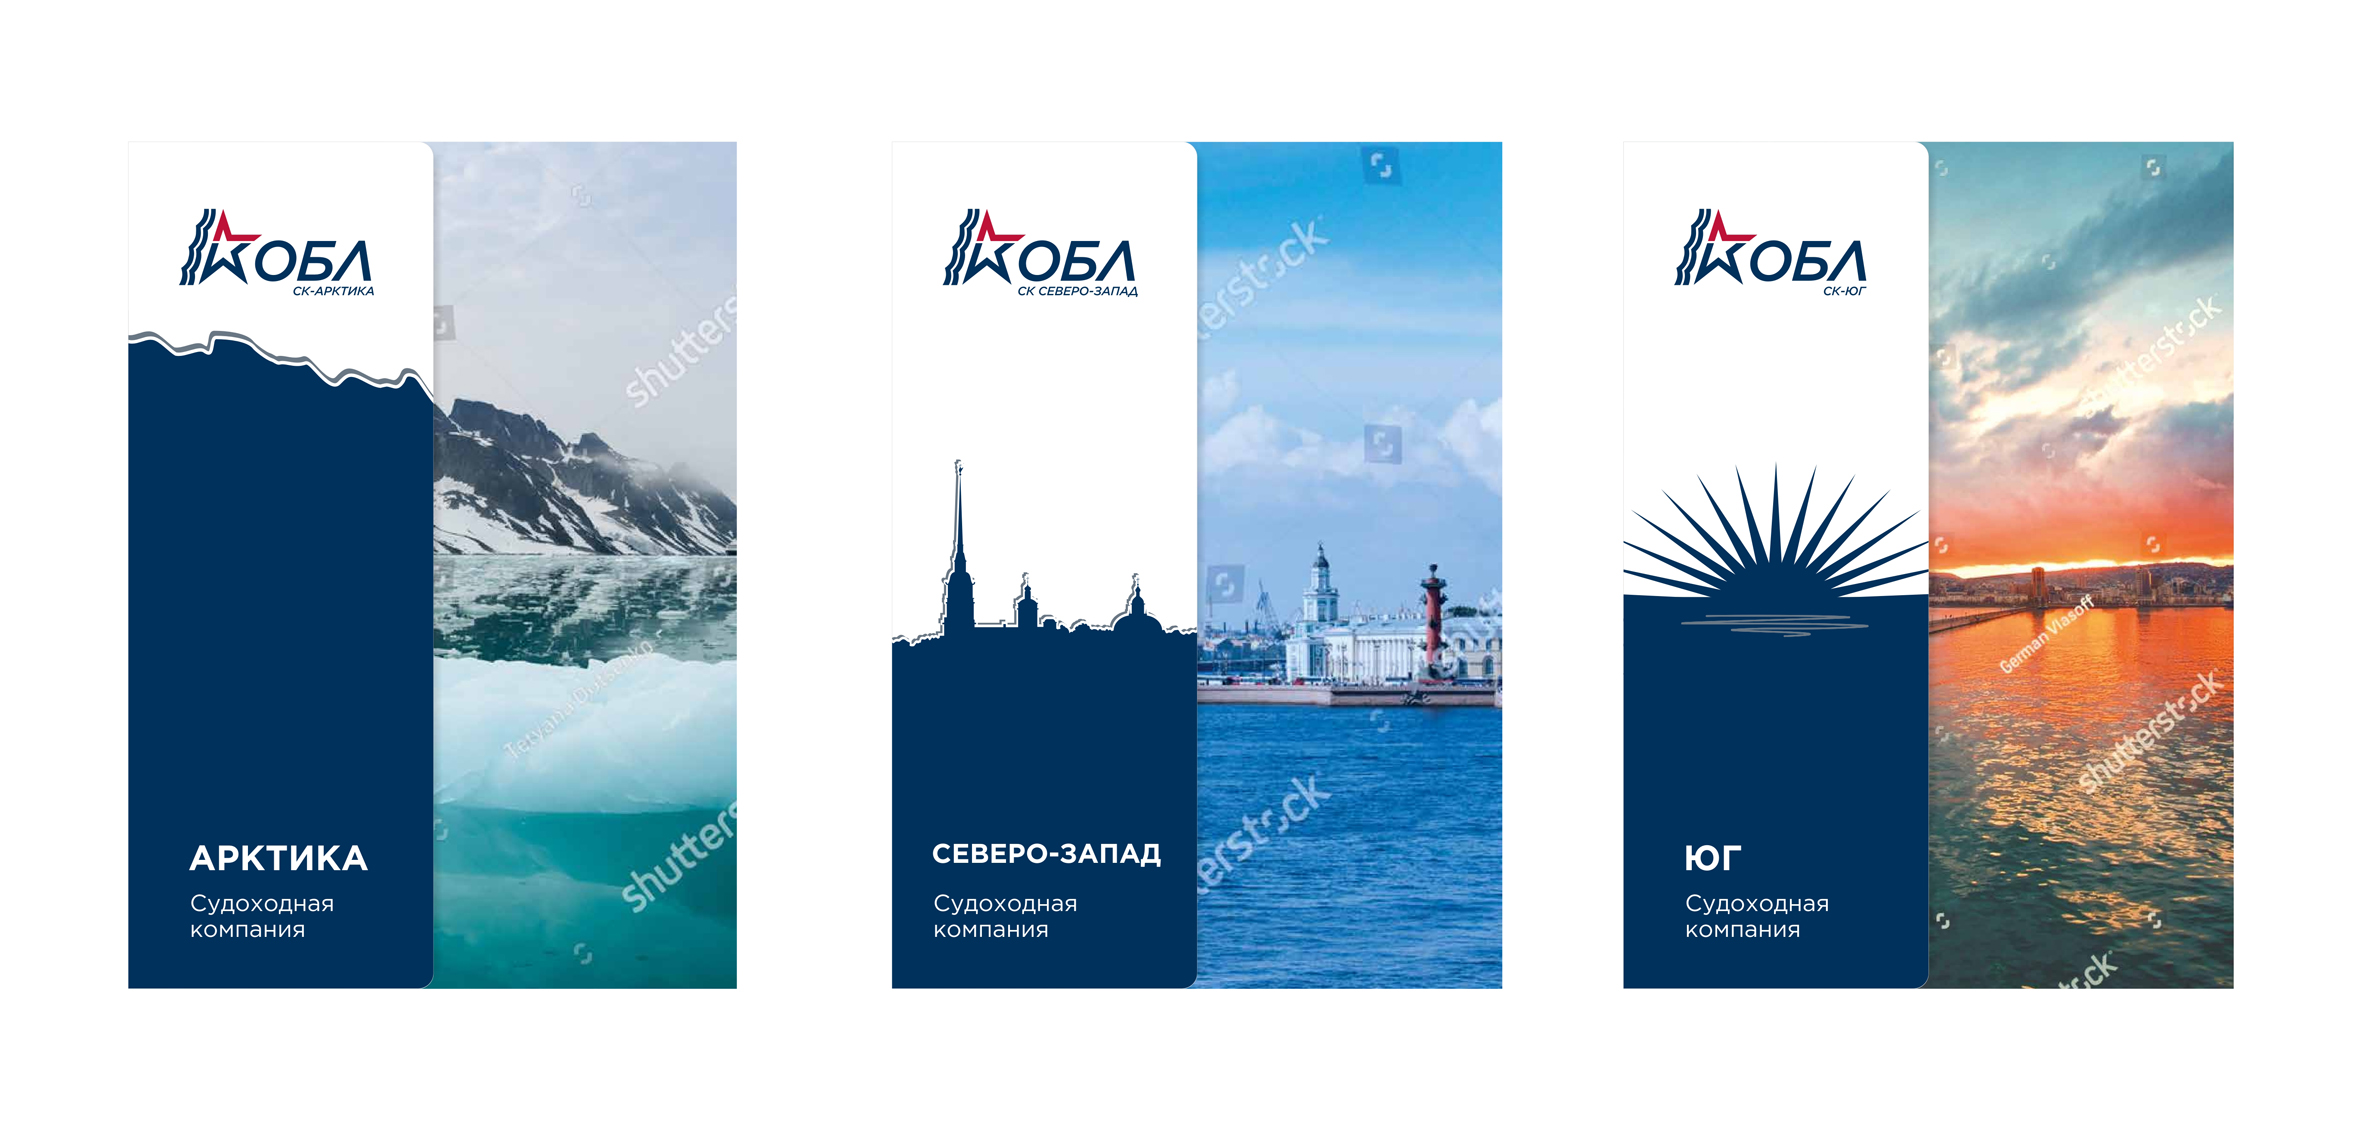 Дизайн и верстка лифлетов 3х дочерних судоходных компаний  фото f_3975b42844d754aa.jpg